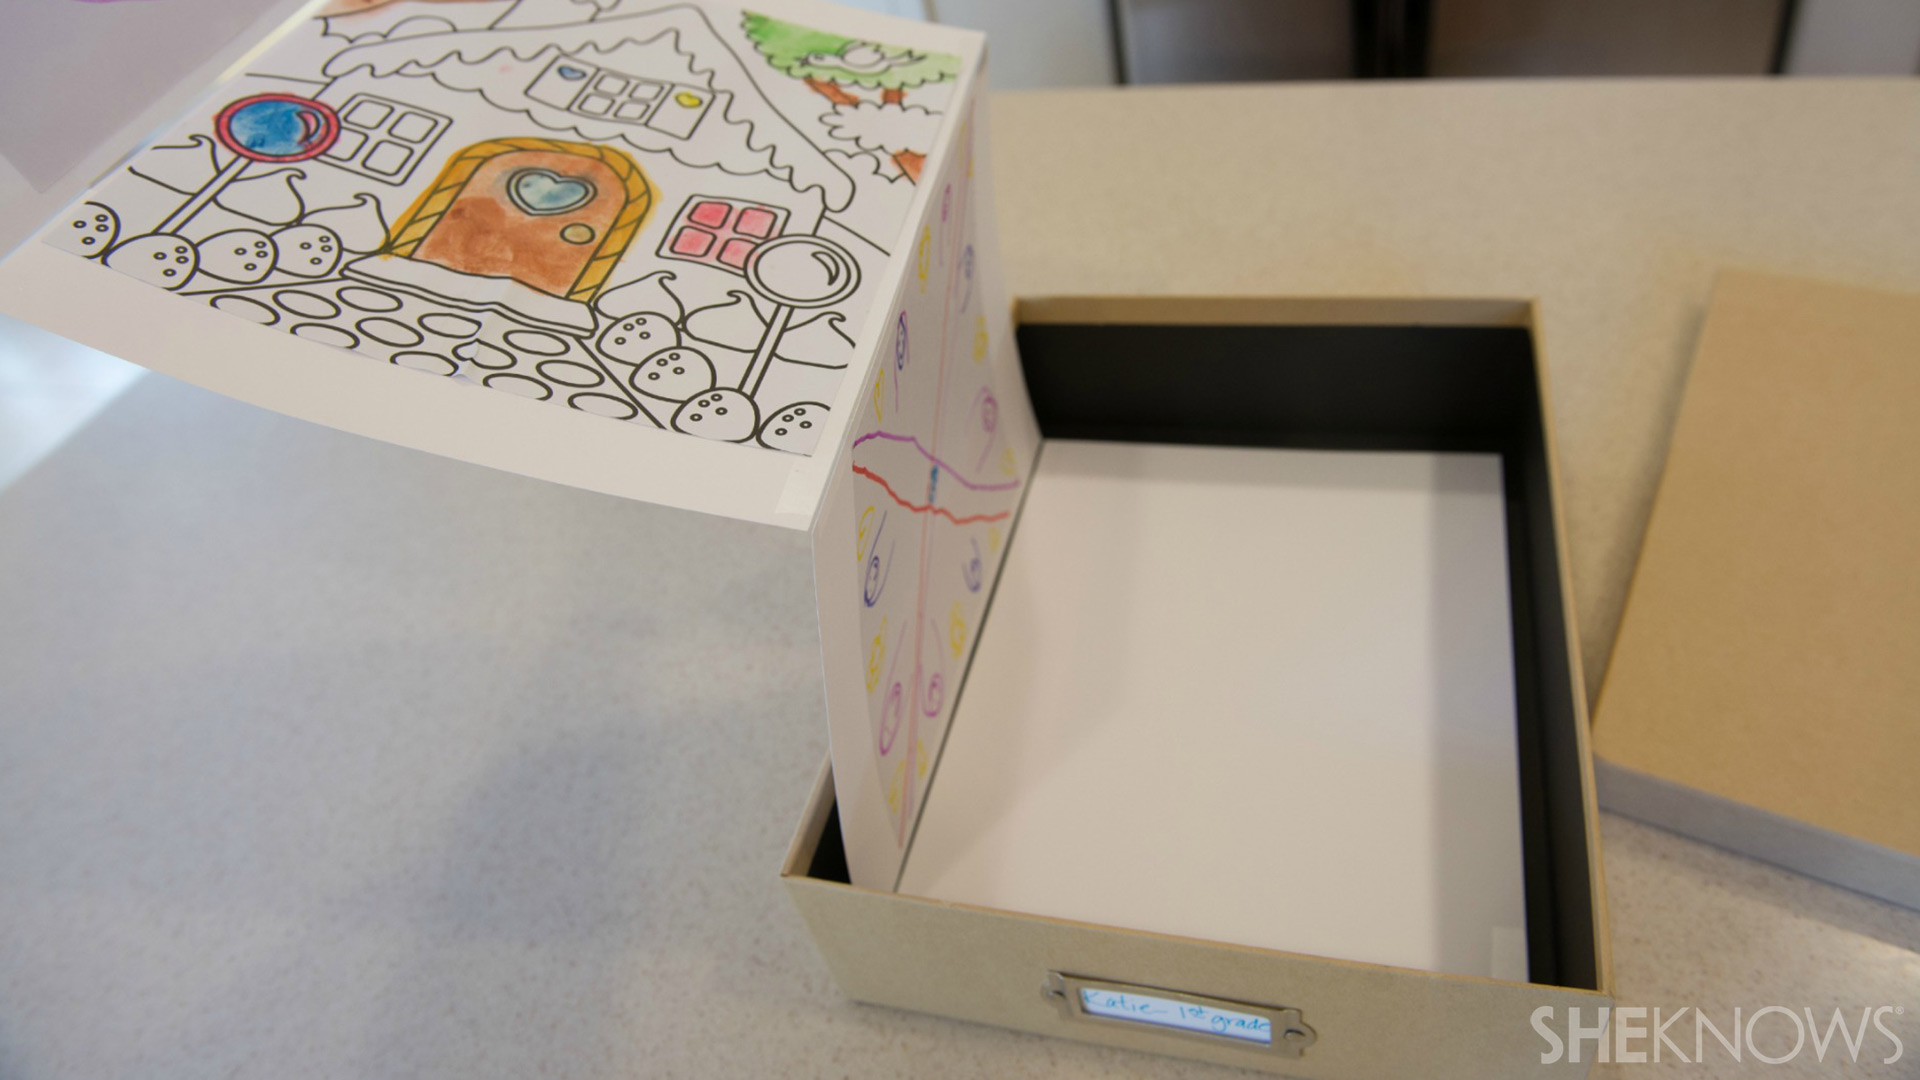 School project storage box | Sheknows.com - attach to box